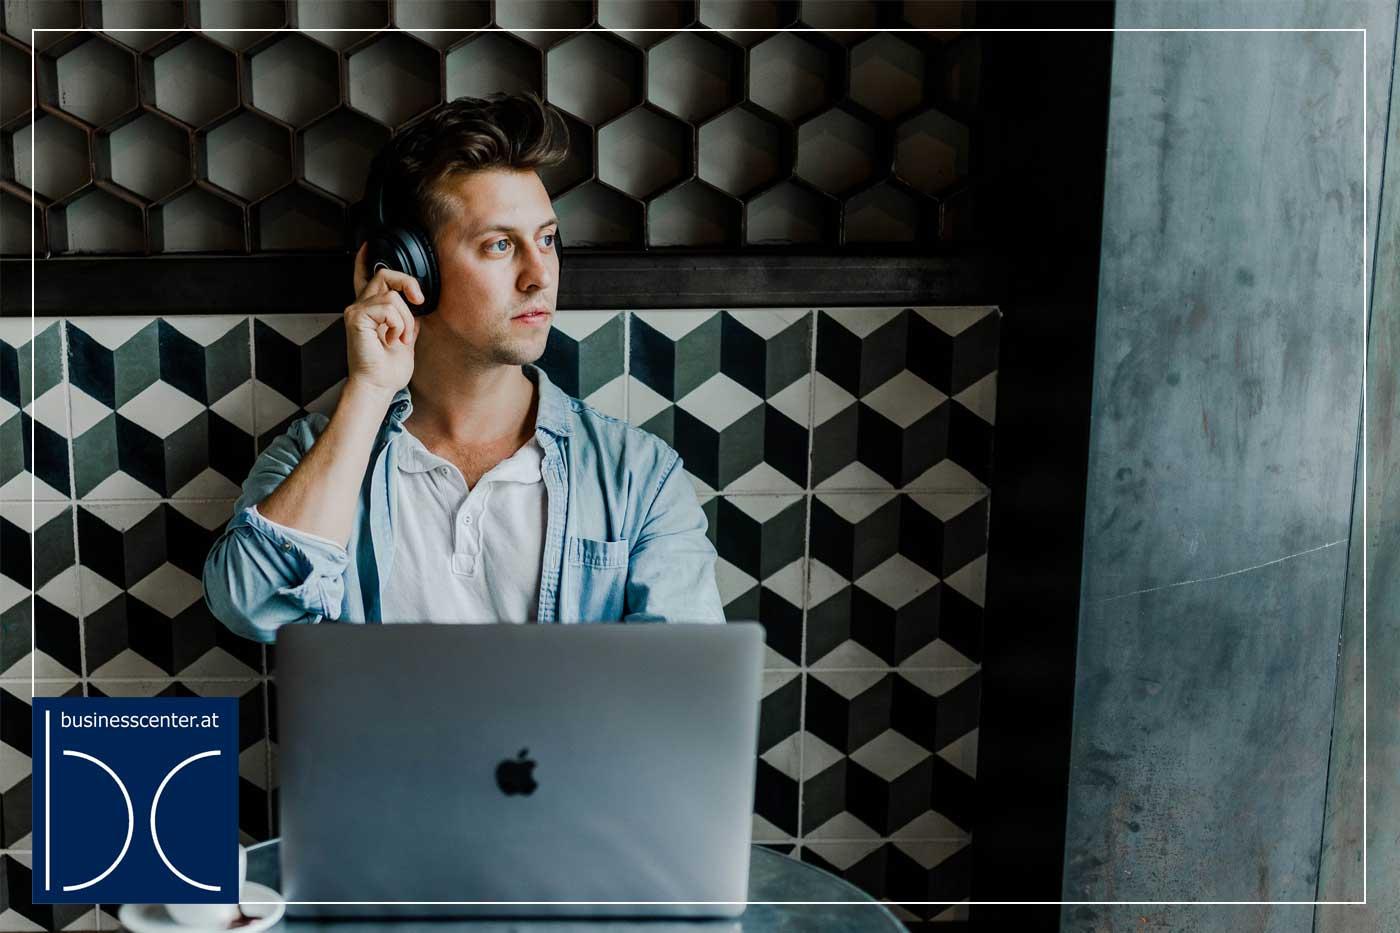 Digitale Nomaden | Virtuelles Büro und kein fester Wohnsitz